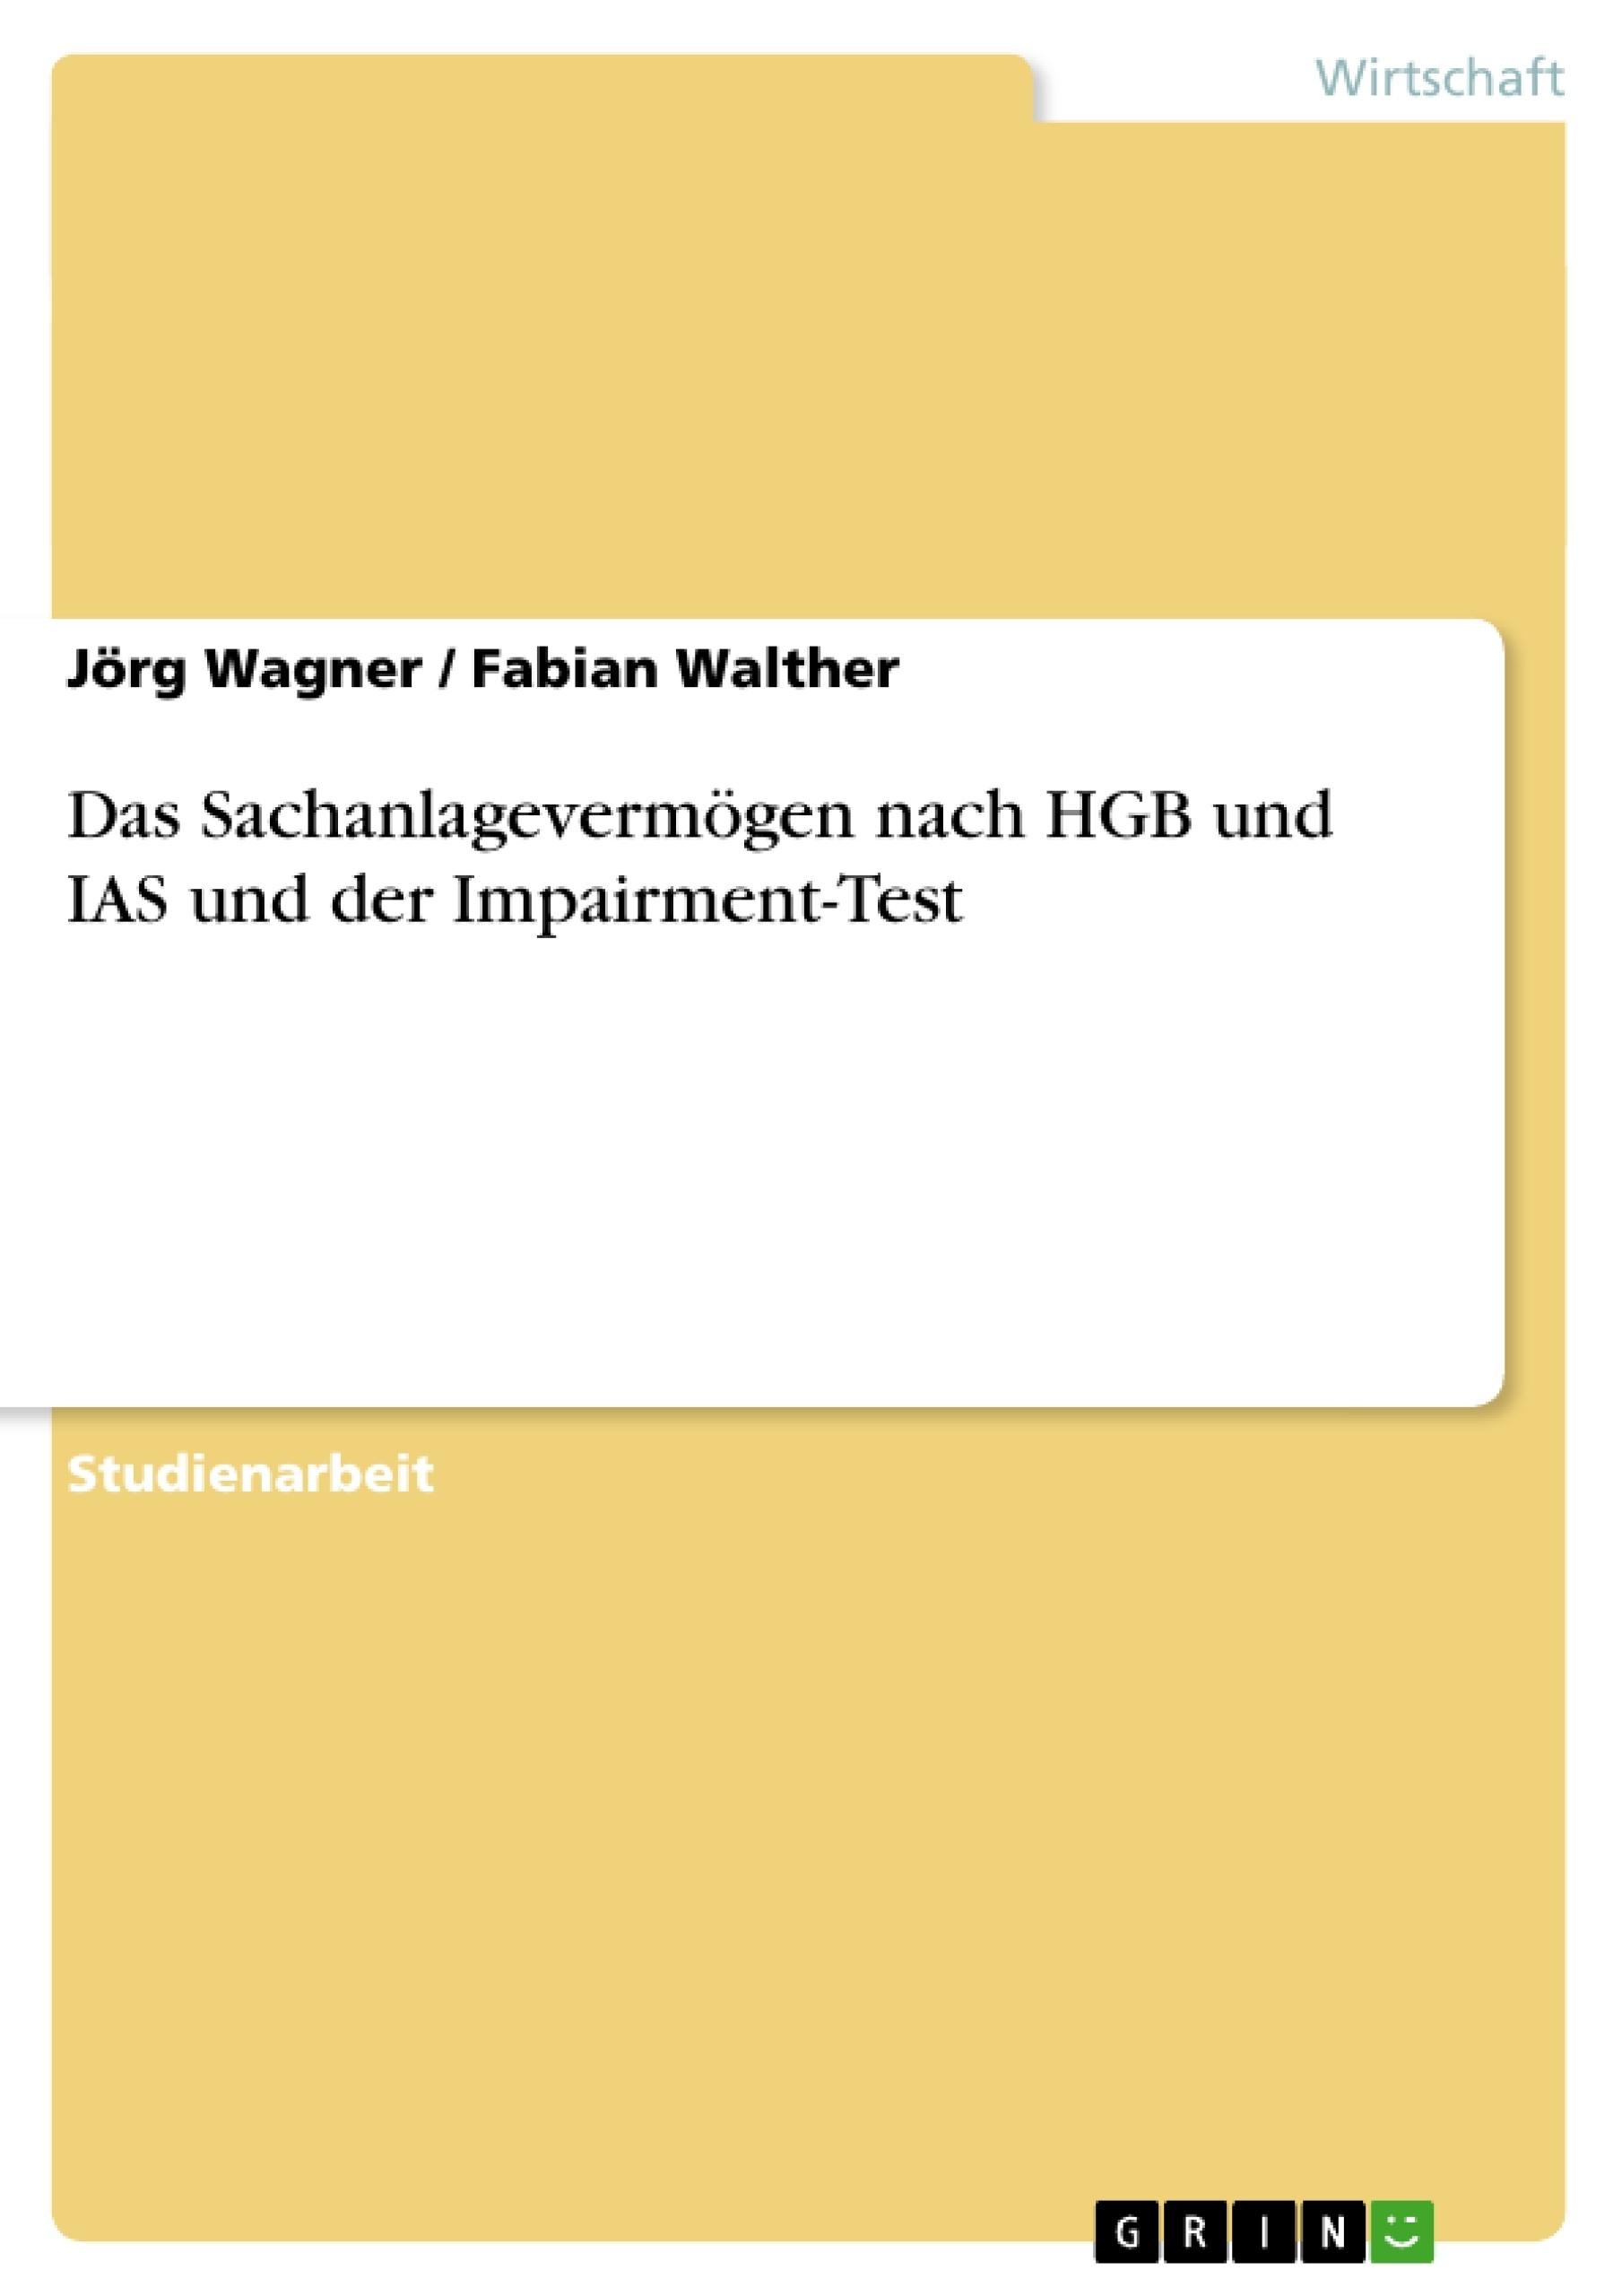 Titel: Das Sachanlagevermögen nach HGB und IAS und der Impairment-Test